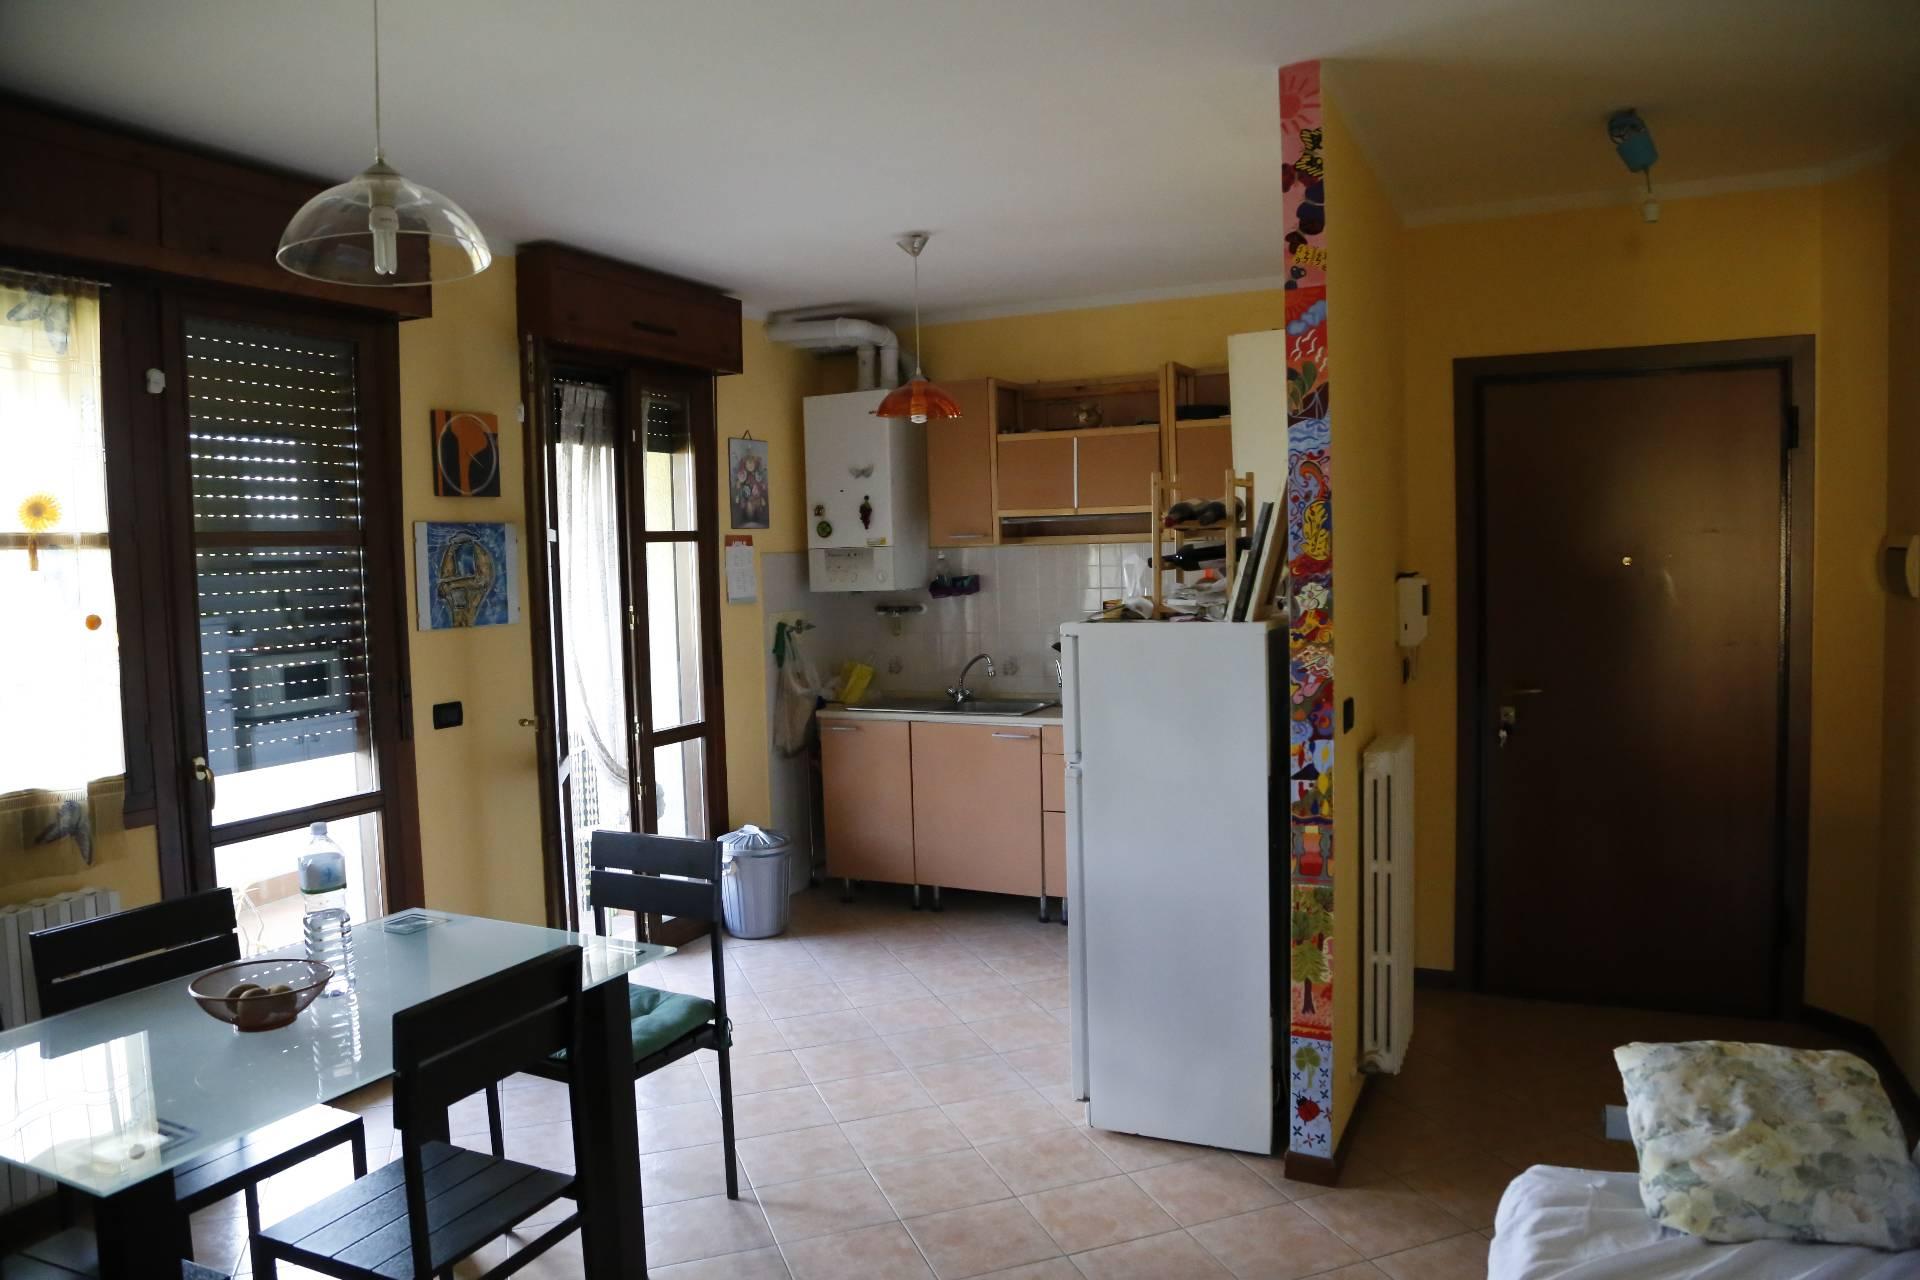 Appartamento in vendita a Castello d'Argile, 3 locali, zona Località: CastellodArgile, prezzo € 120.000 | Cambio Casa.it